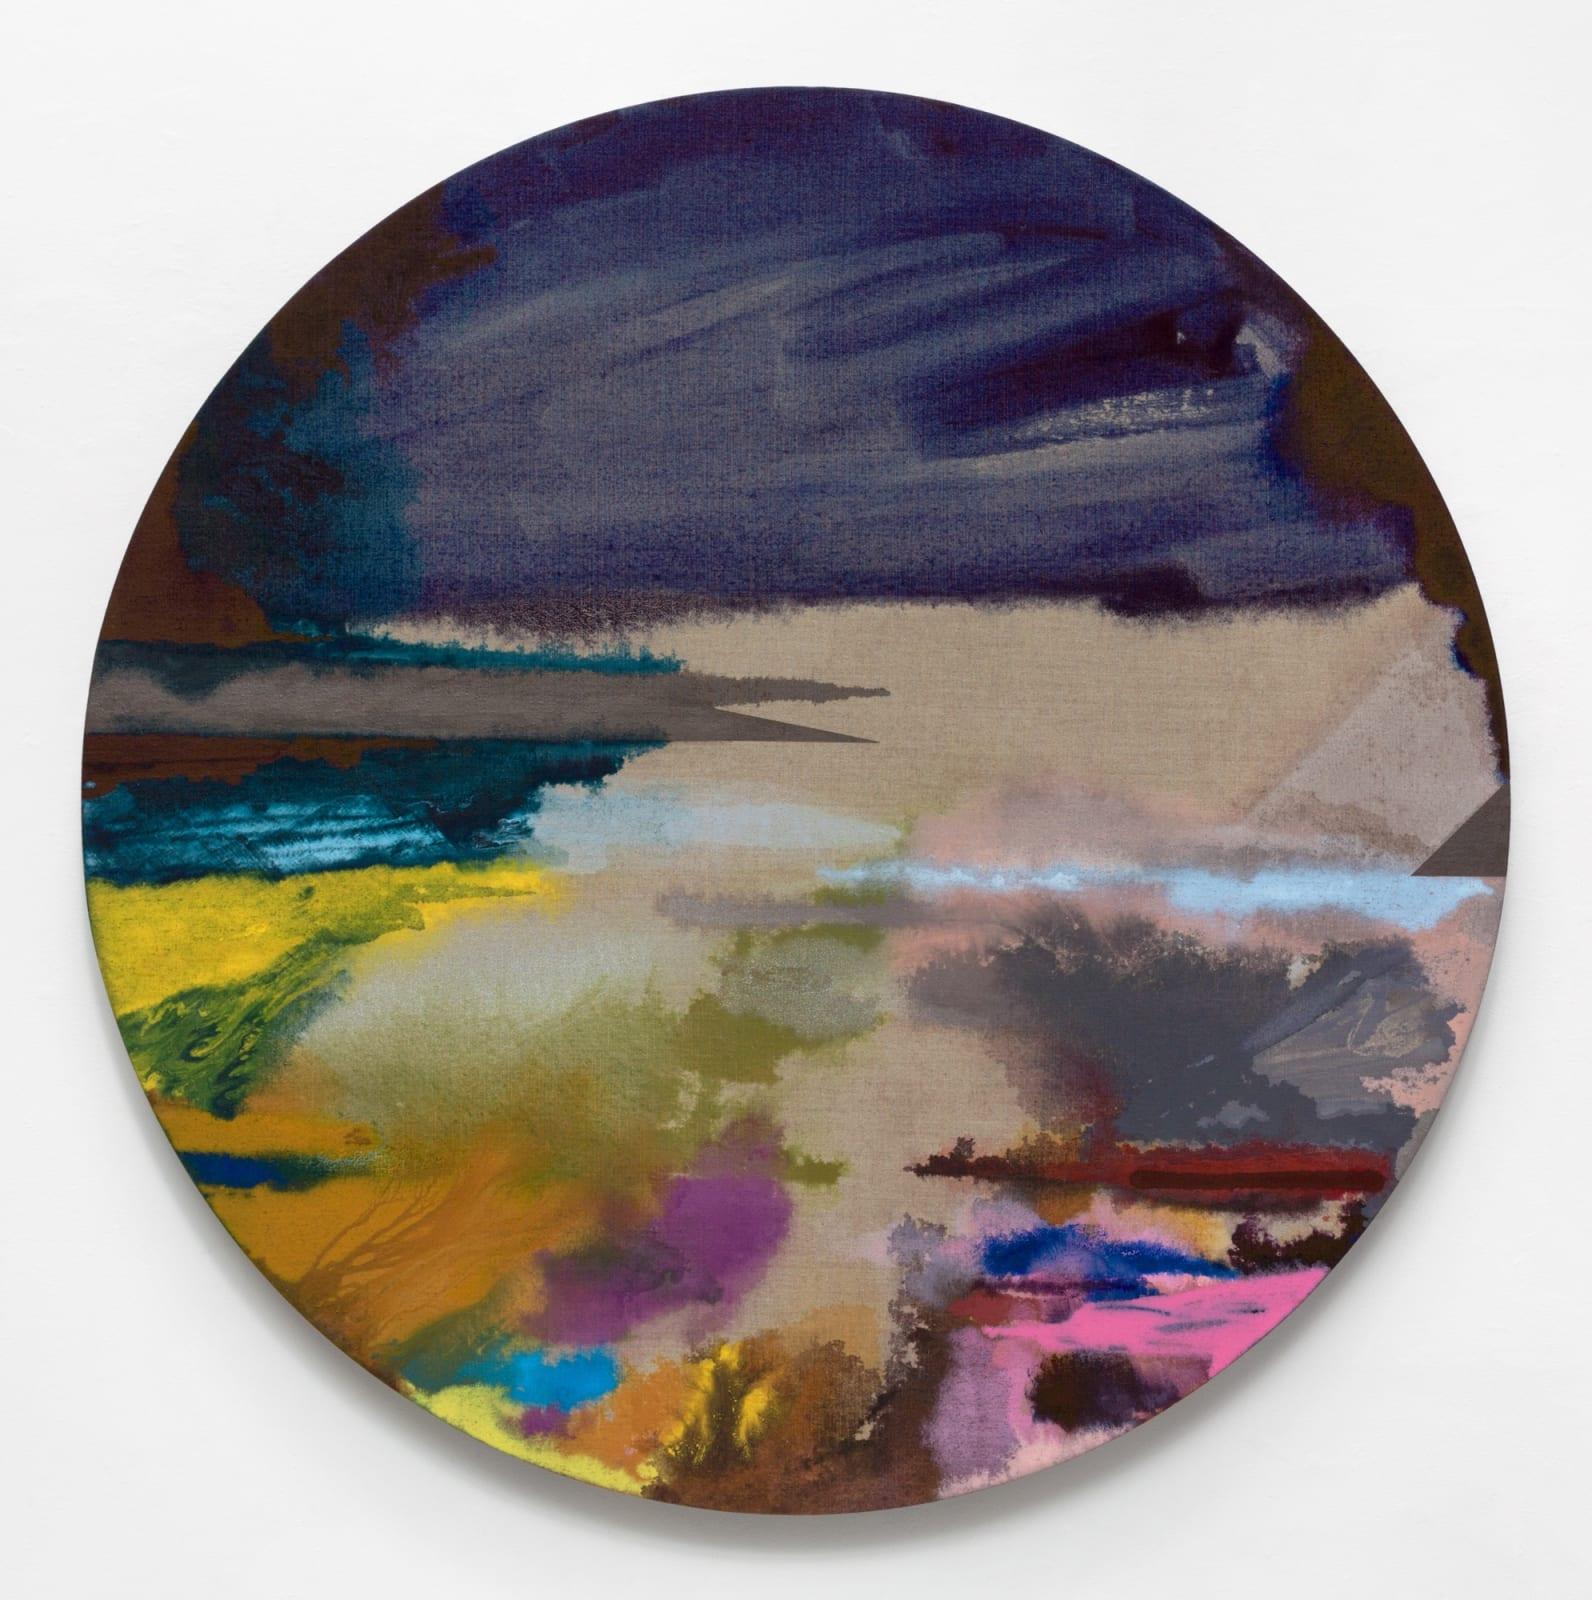 Pamela Jorden  Reflection, 2019